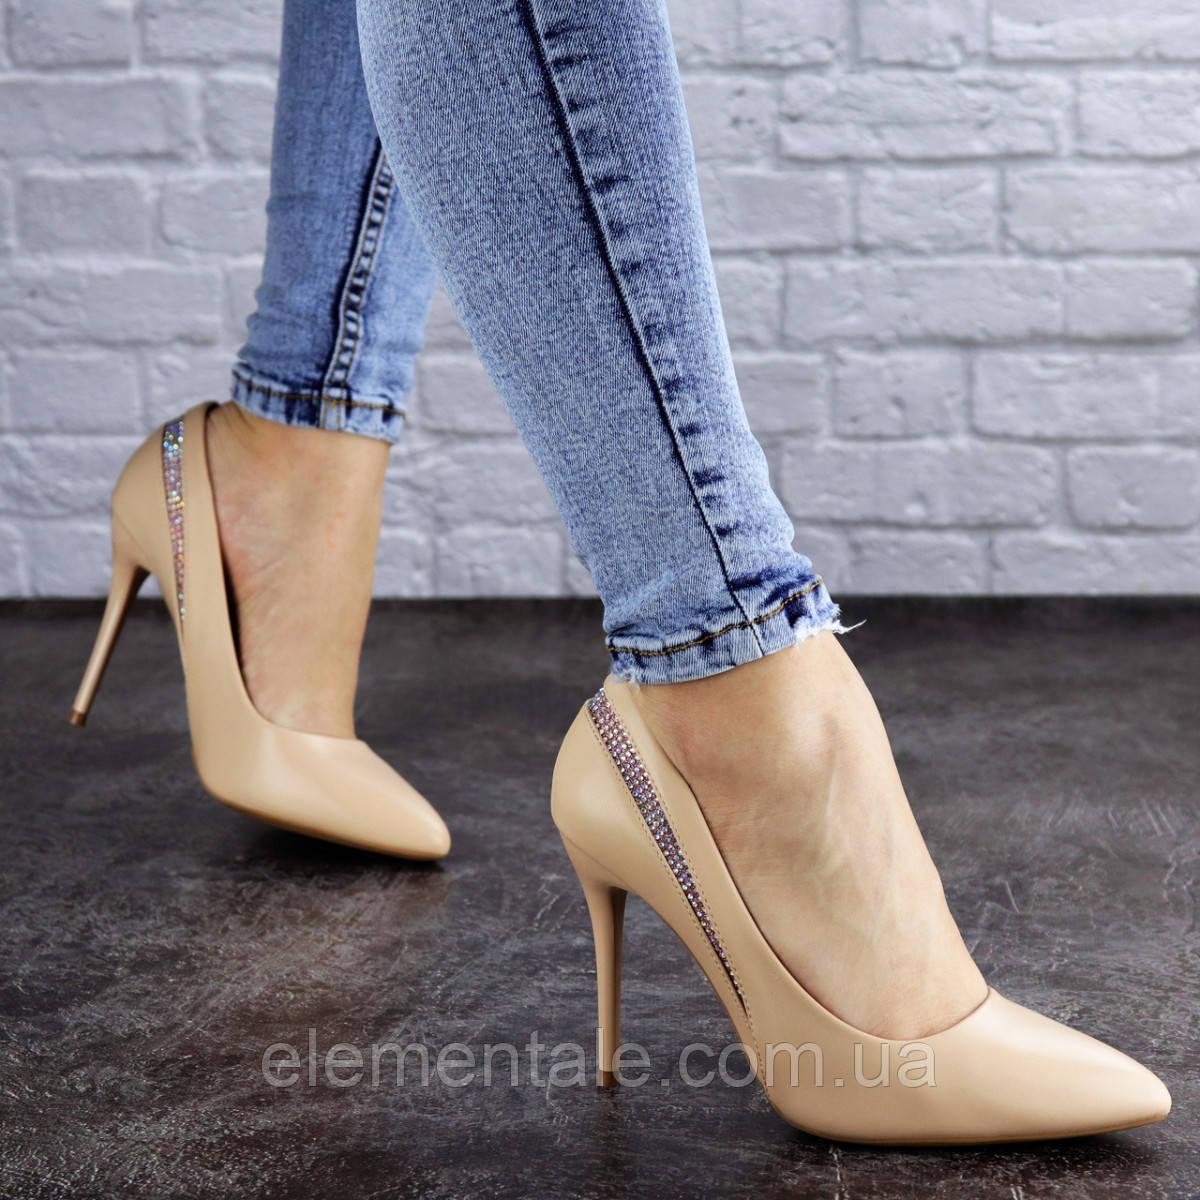 Женские туфли лодочки на шпильке 38 размер 24,5 см Бежевые